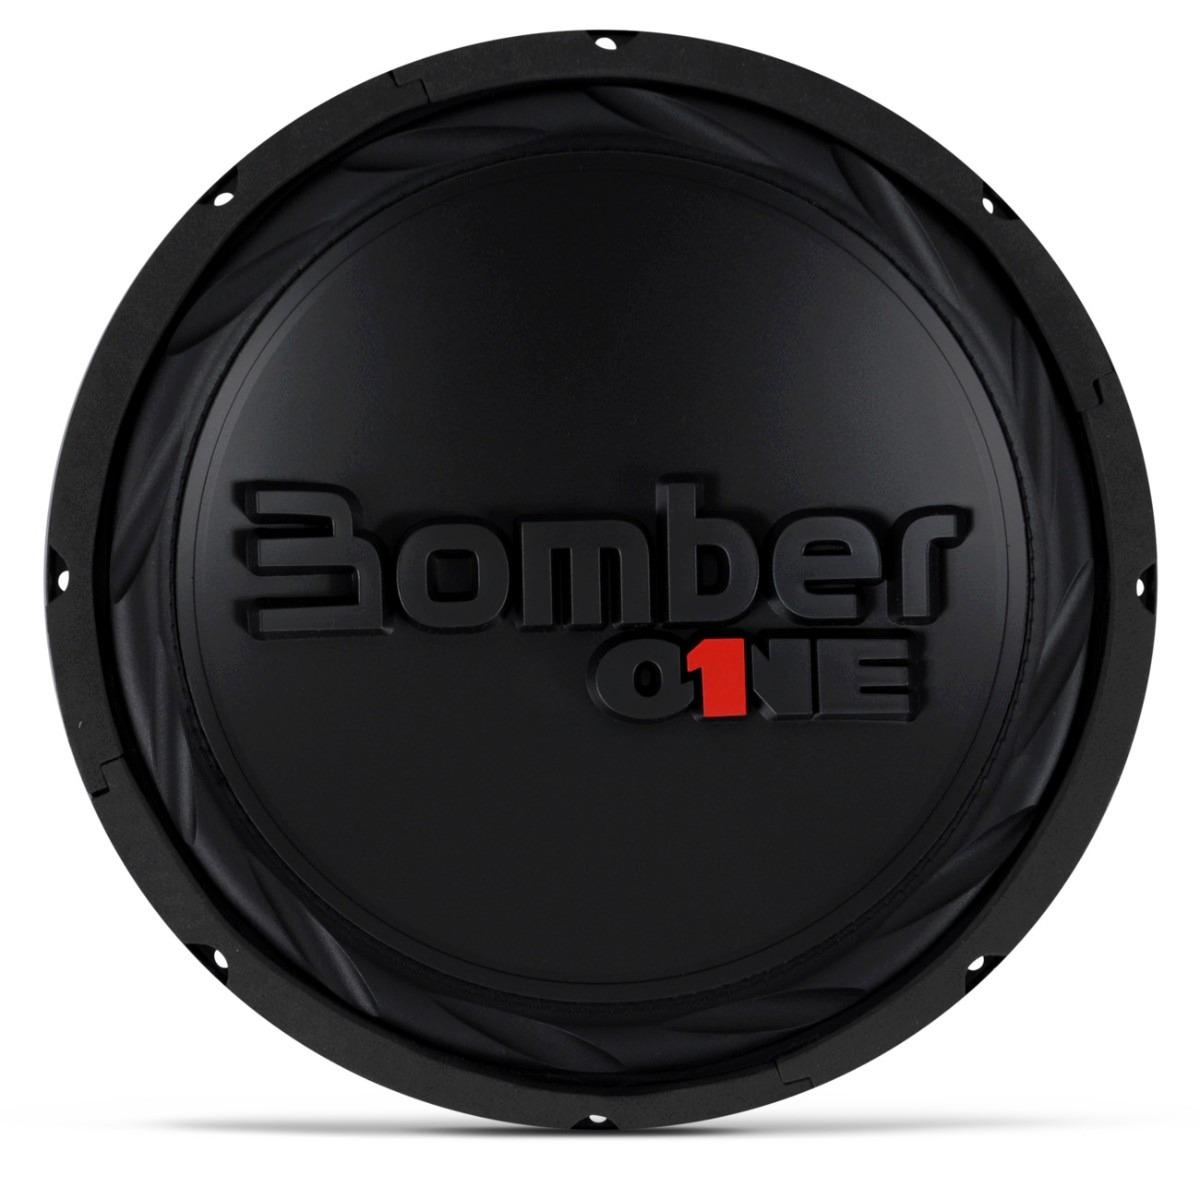 Subwoofer Bomber 12 One 200w Rms 4 Ohms Bobina Dupla Falante